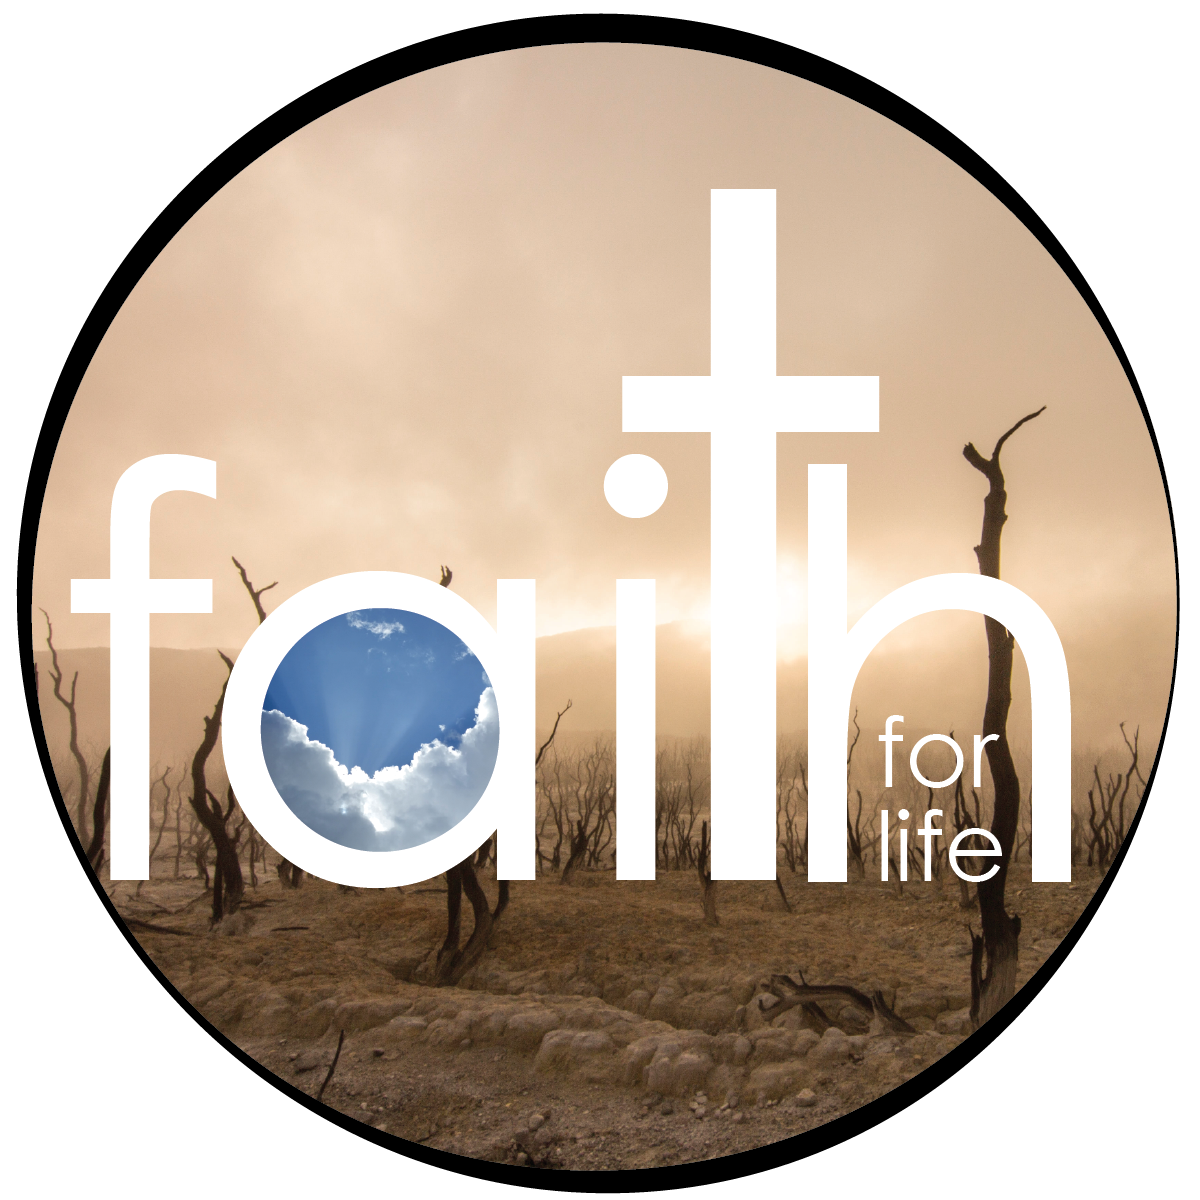 faithforlife-01.png